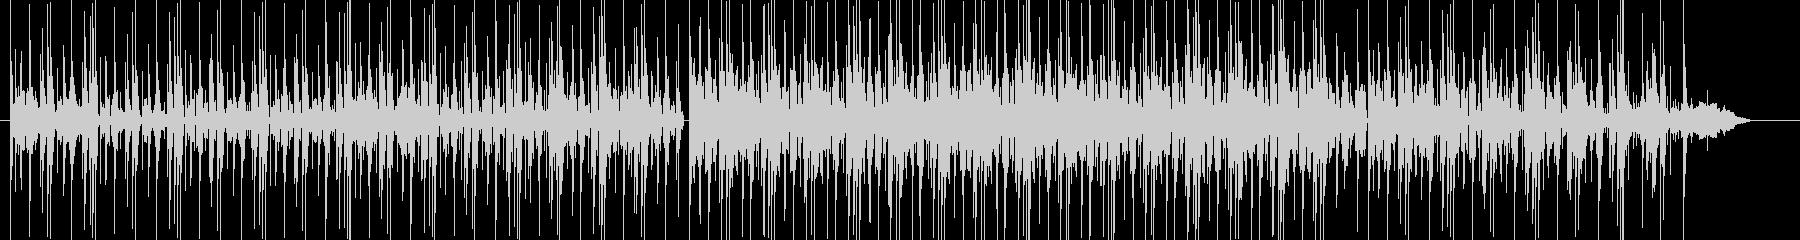 オーガニックなBGMの未再生の波形